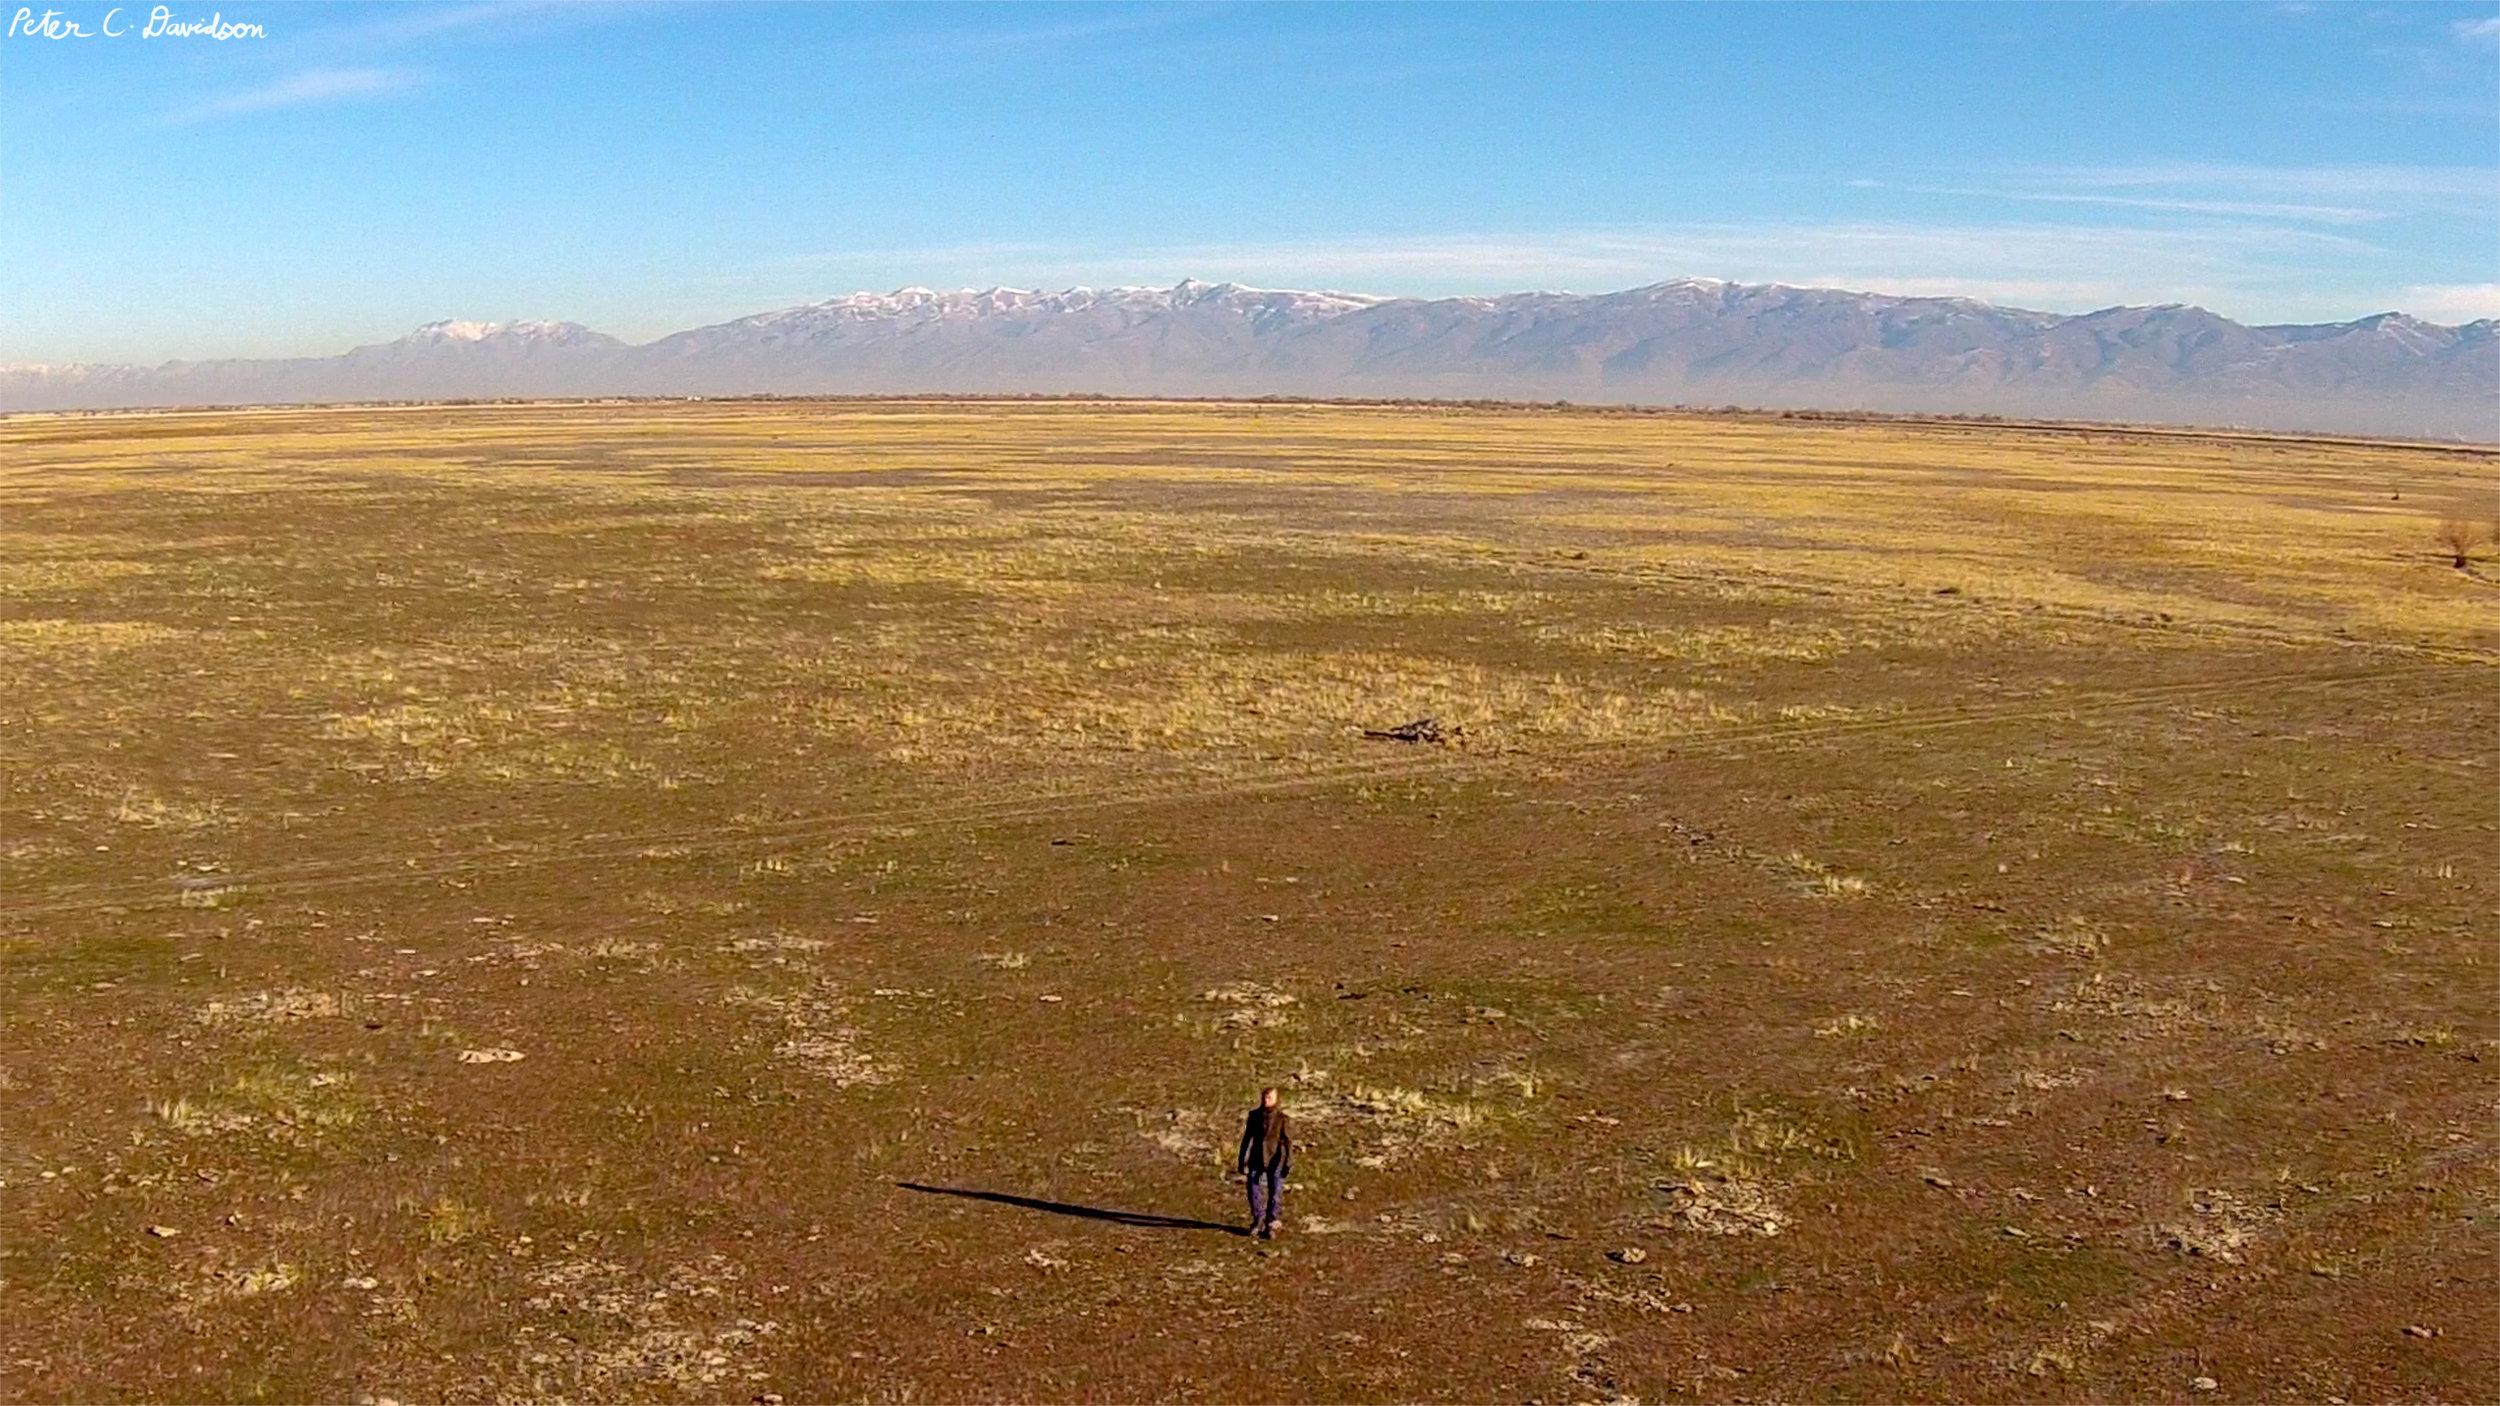 peter-c-davidson-aerial-still-20.jpg